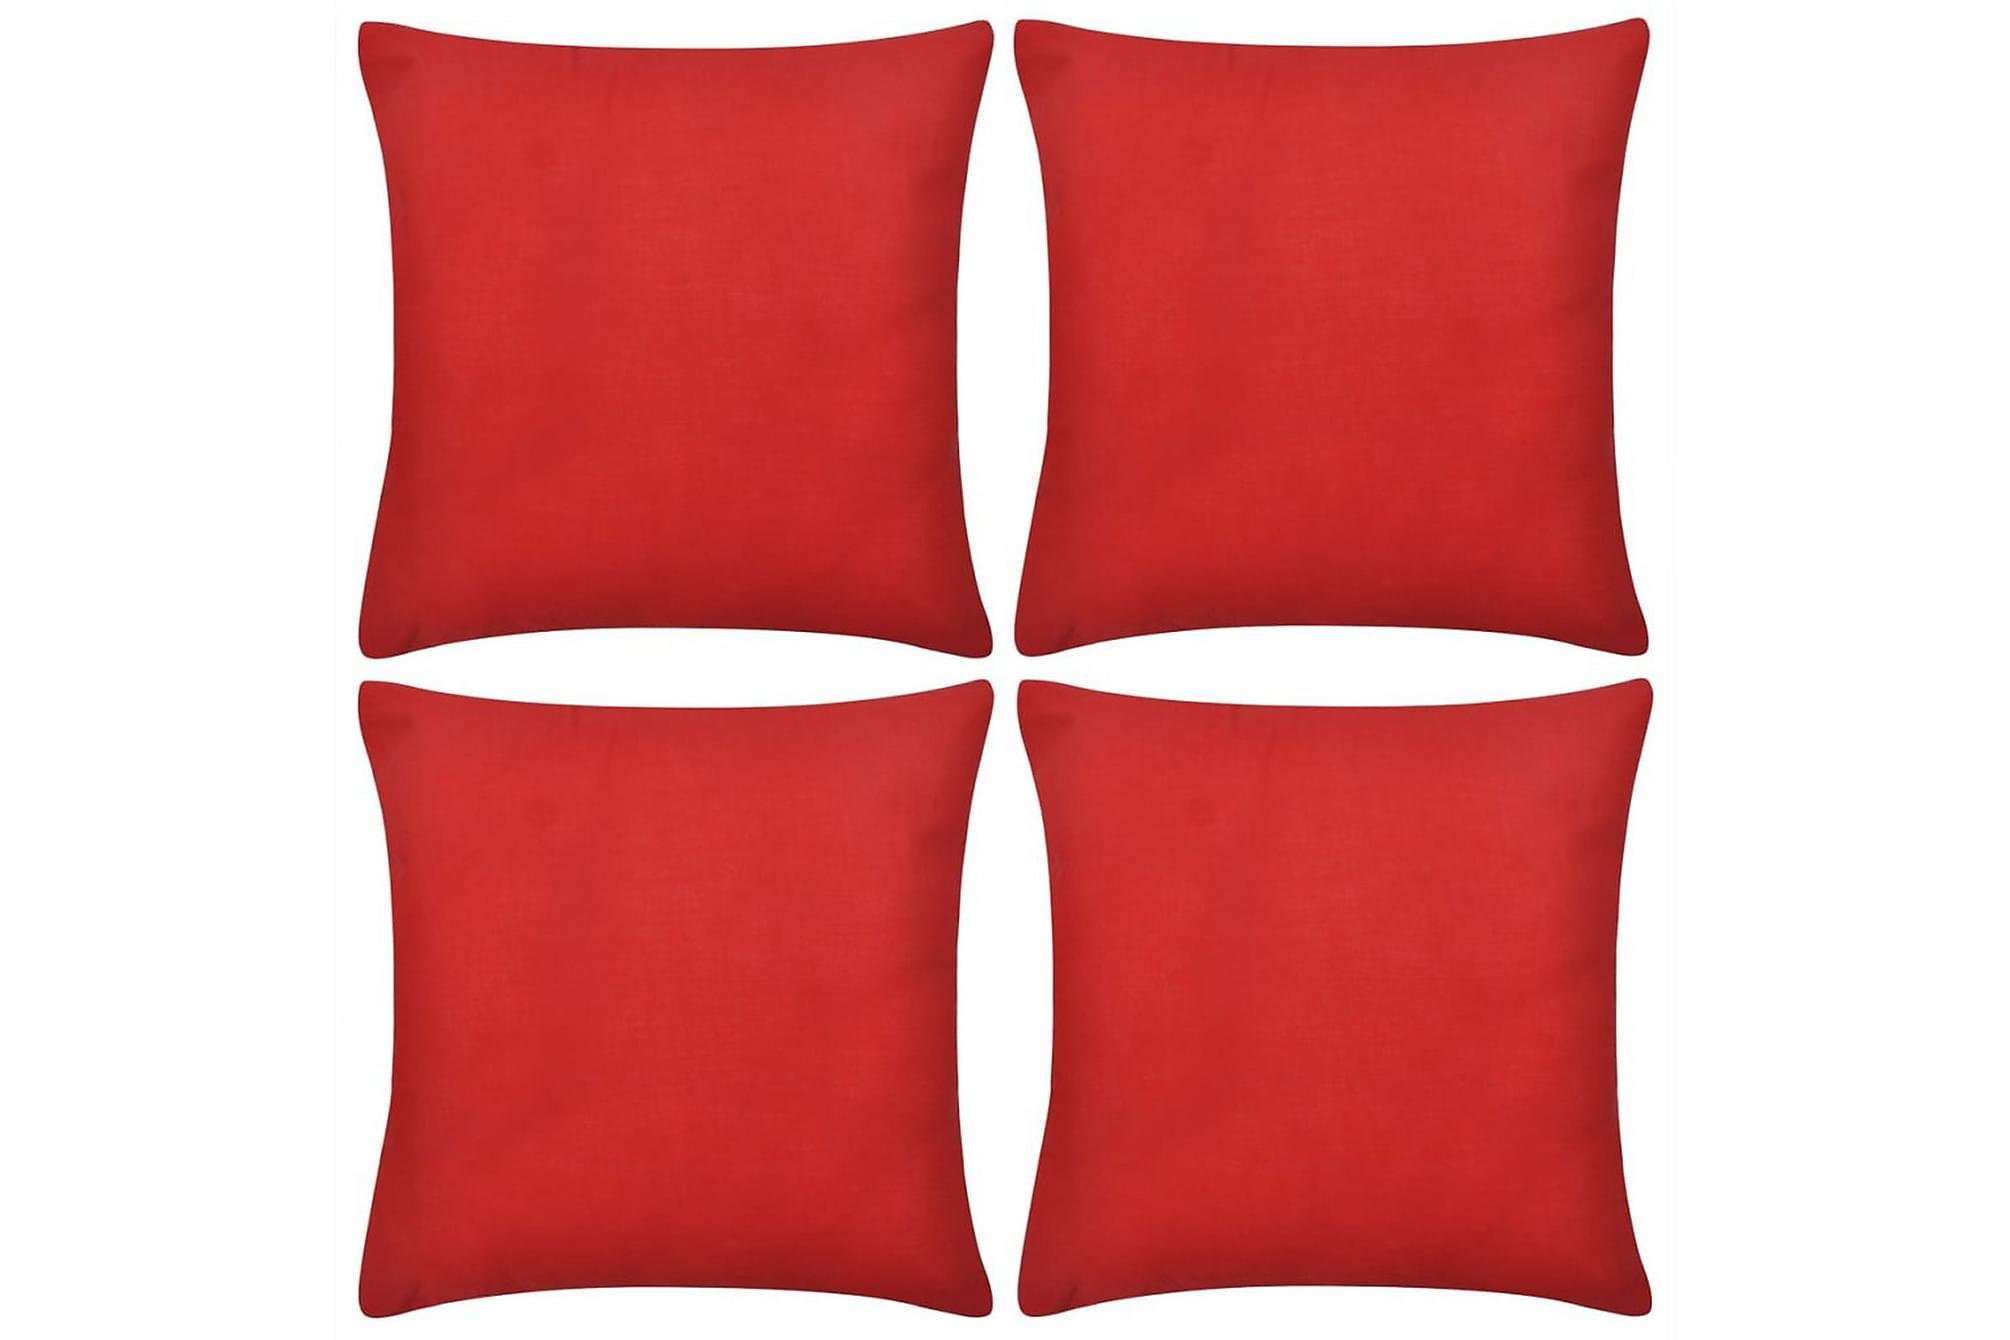 4 Kuddöverdrag i bomull röda 80 x 80 cm, Prydnadskuddar & filtar